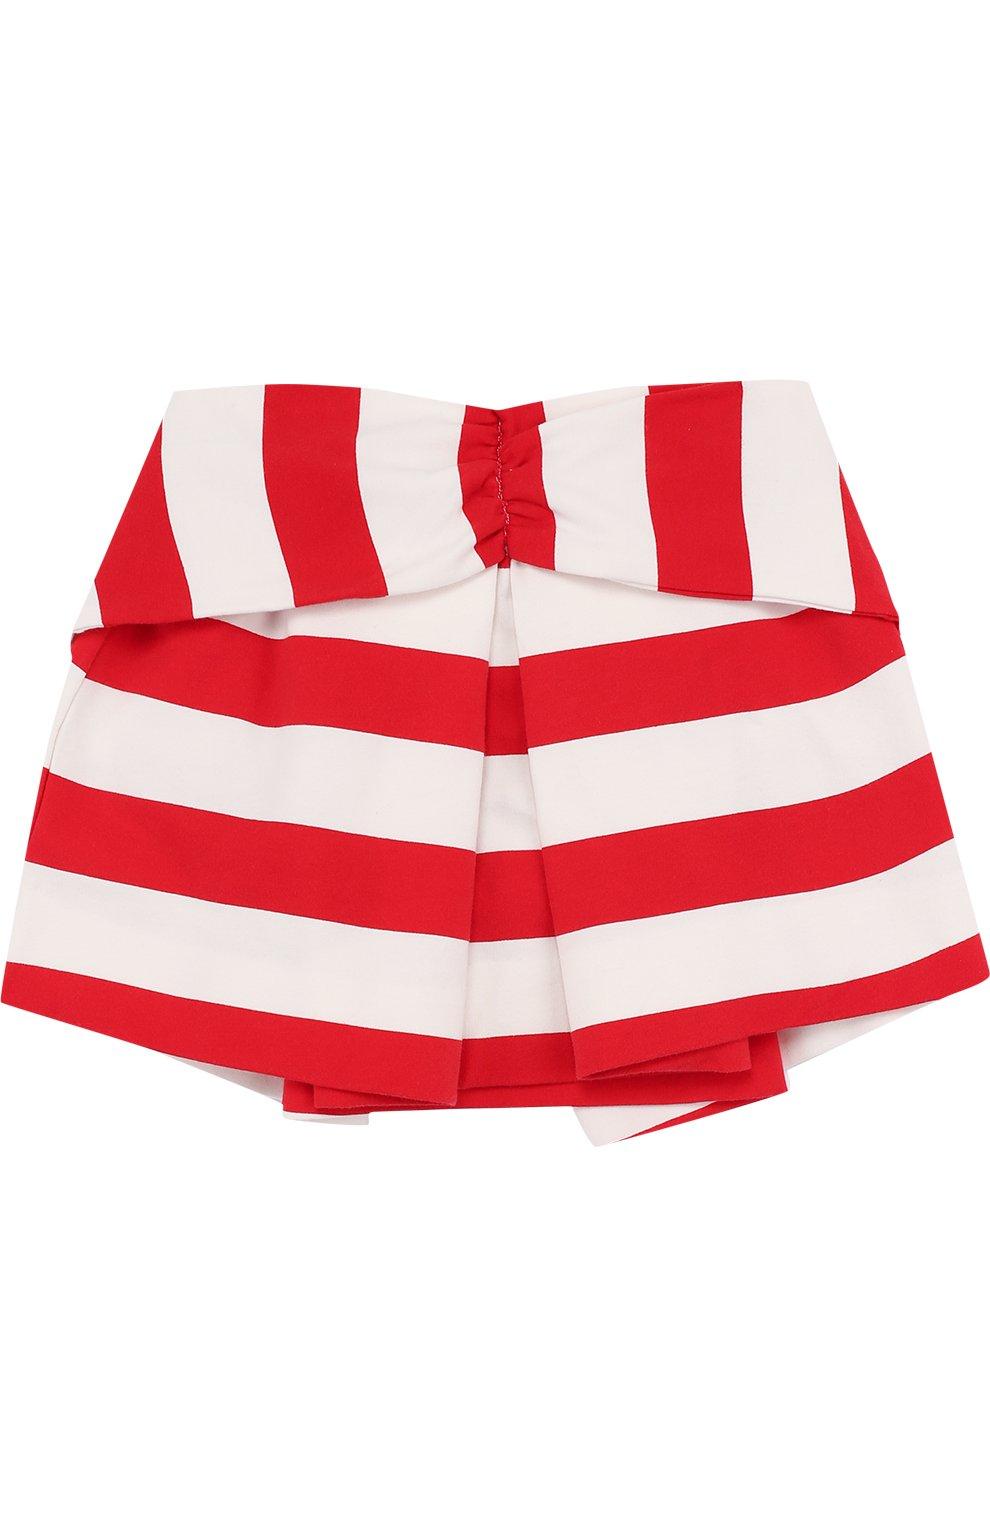 Детская хлопковая мини-юбка в полоску с декоративным поясом NO. 21 красного цвета, арт. 08 X/K302/3881/26-32   Фото 2